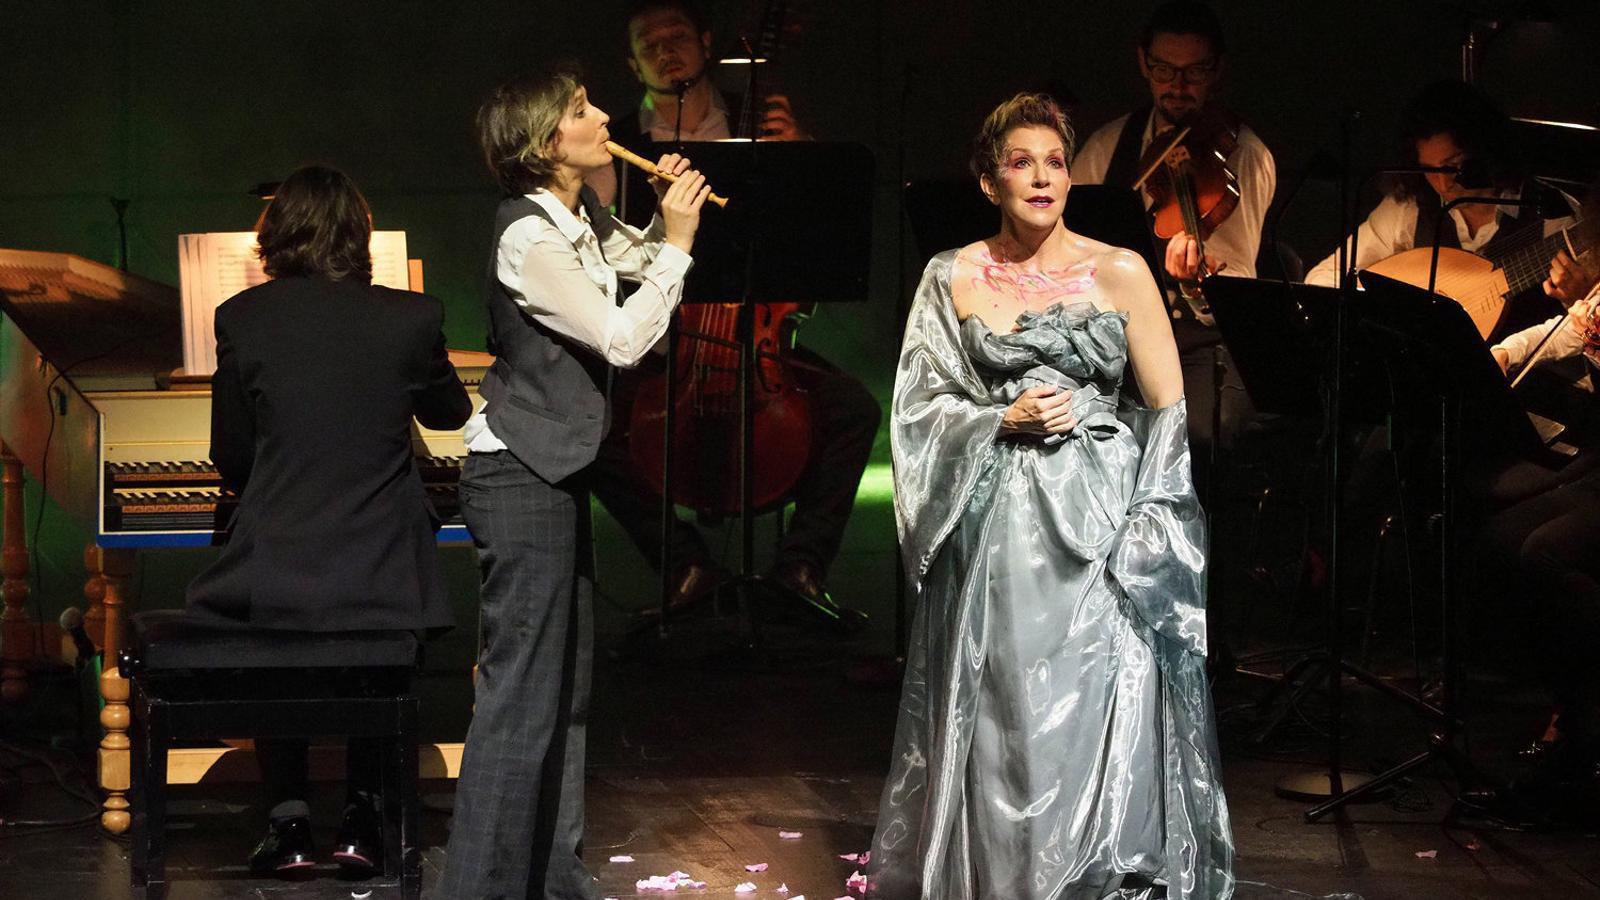 La mezzosoprano Joyce DiDonato al Gran Teatre del Liceu. / A. BOFILL